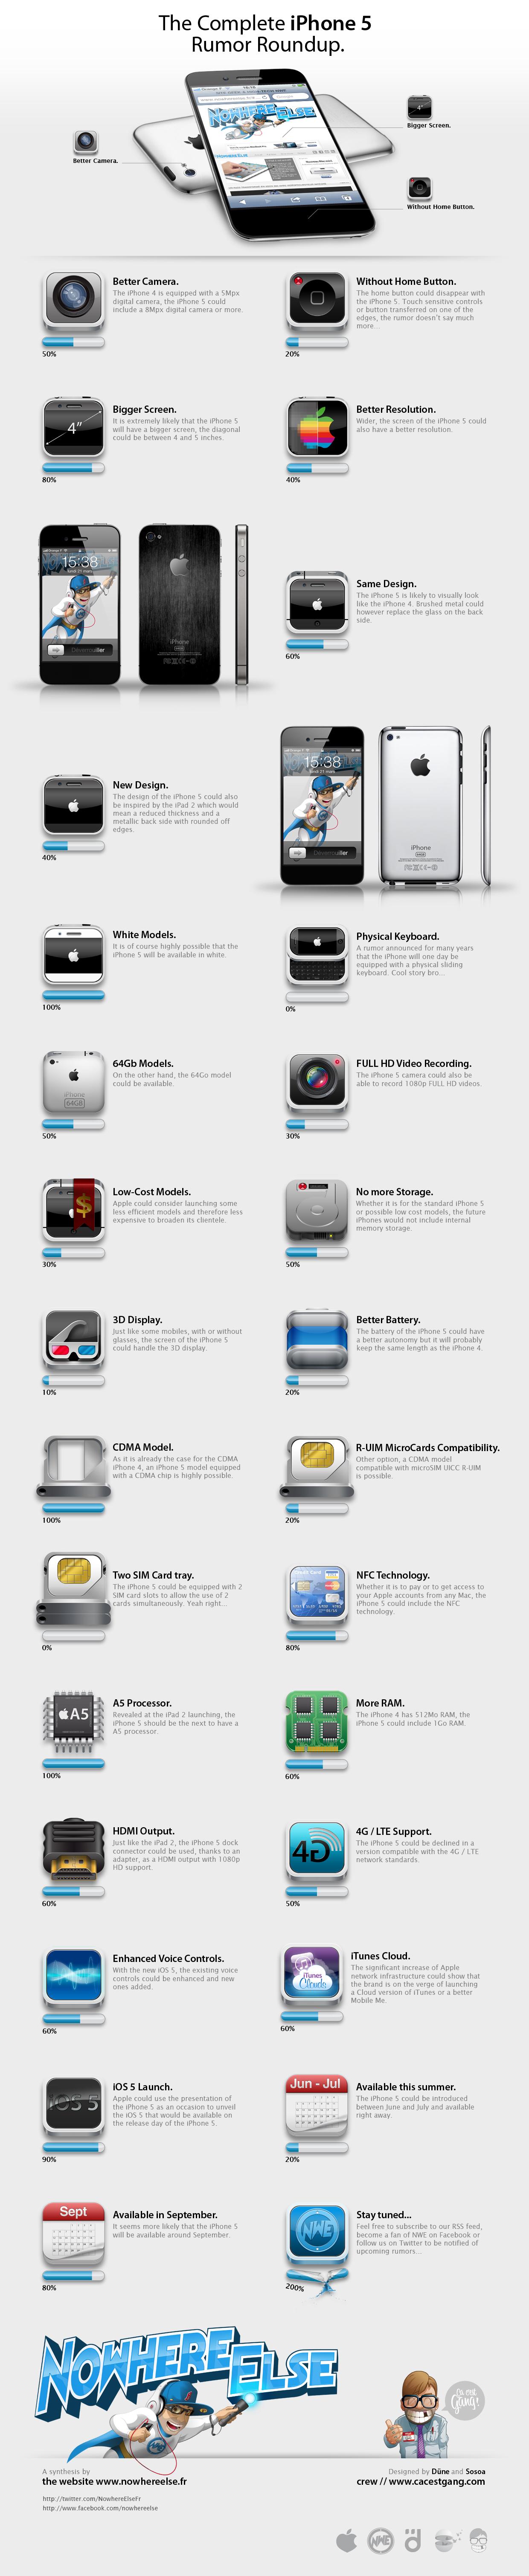 Infográfico de rumores do iPhone 5